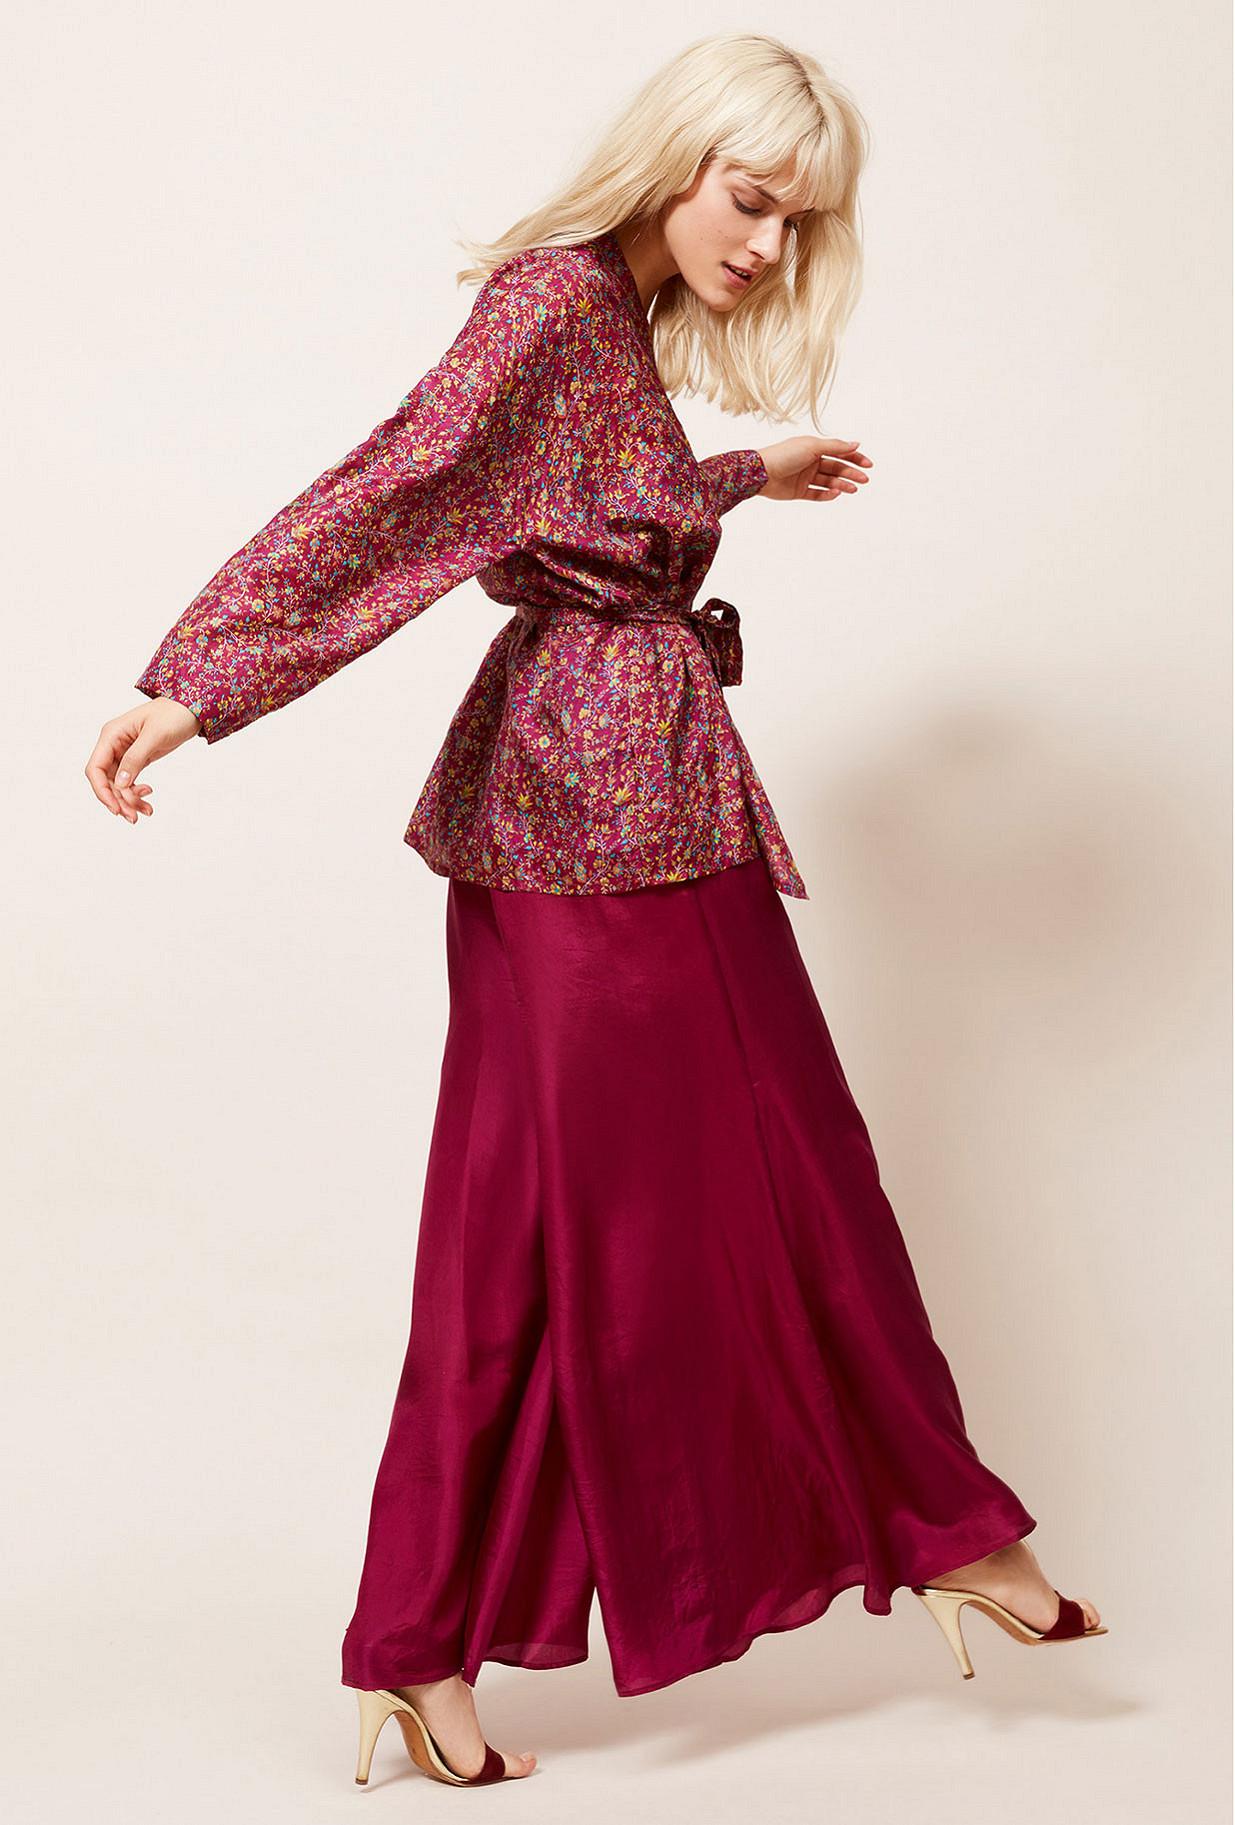 Kimono Imprimé violet  Coquette mes demoiselles paris vêtement femme paris